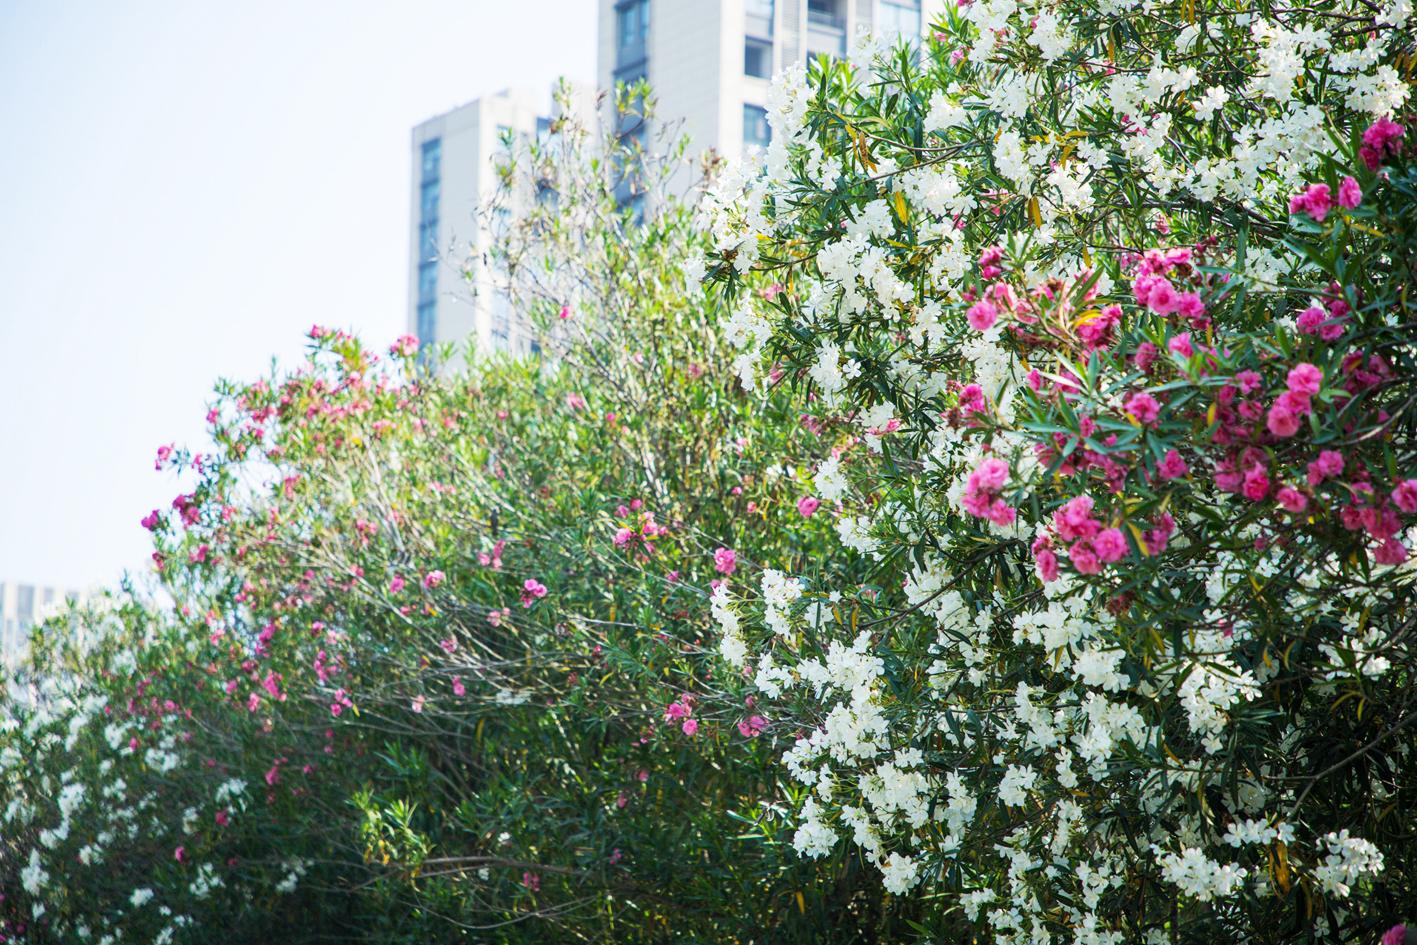 白如雪红似火 扬城夹竹桃花海惊艳盛开